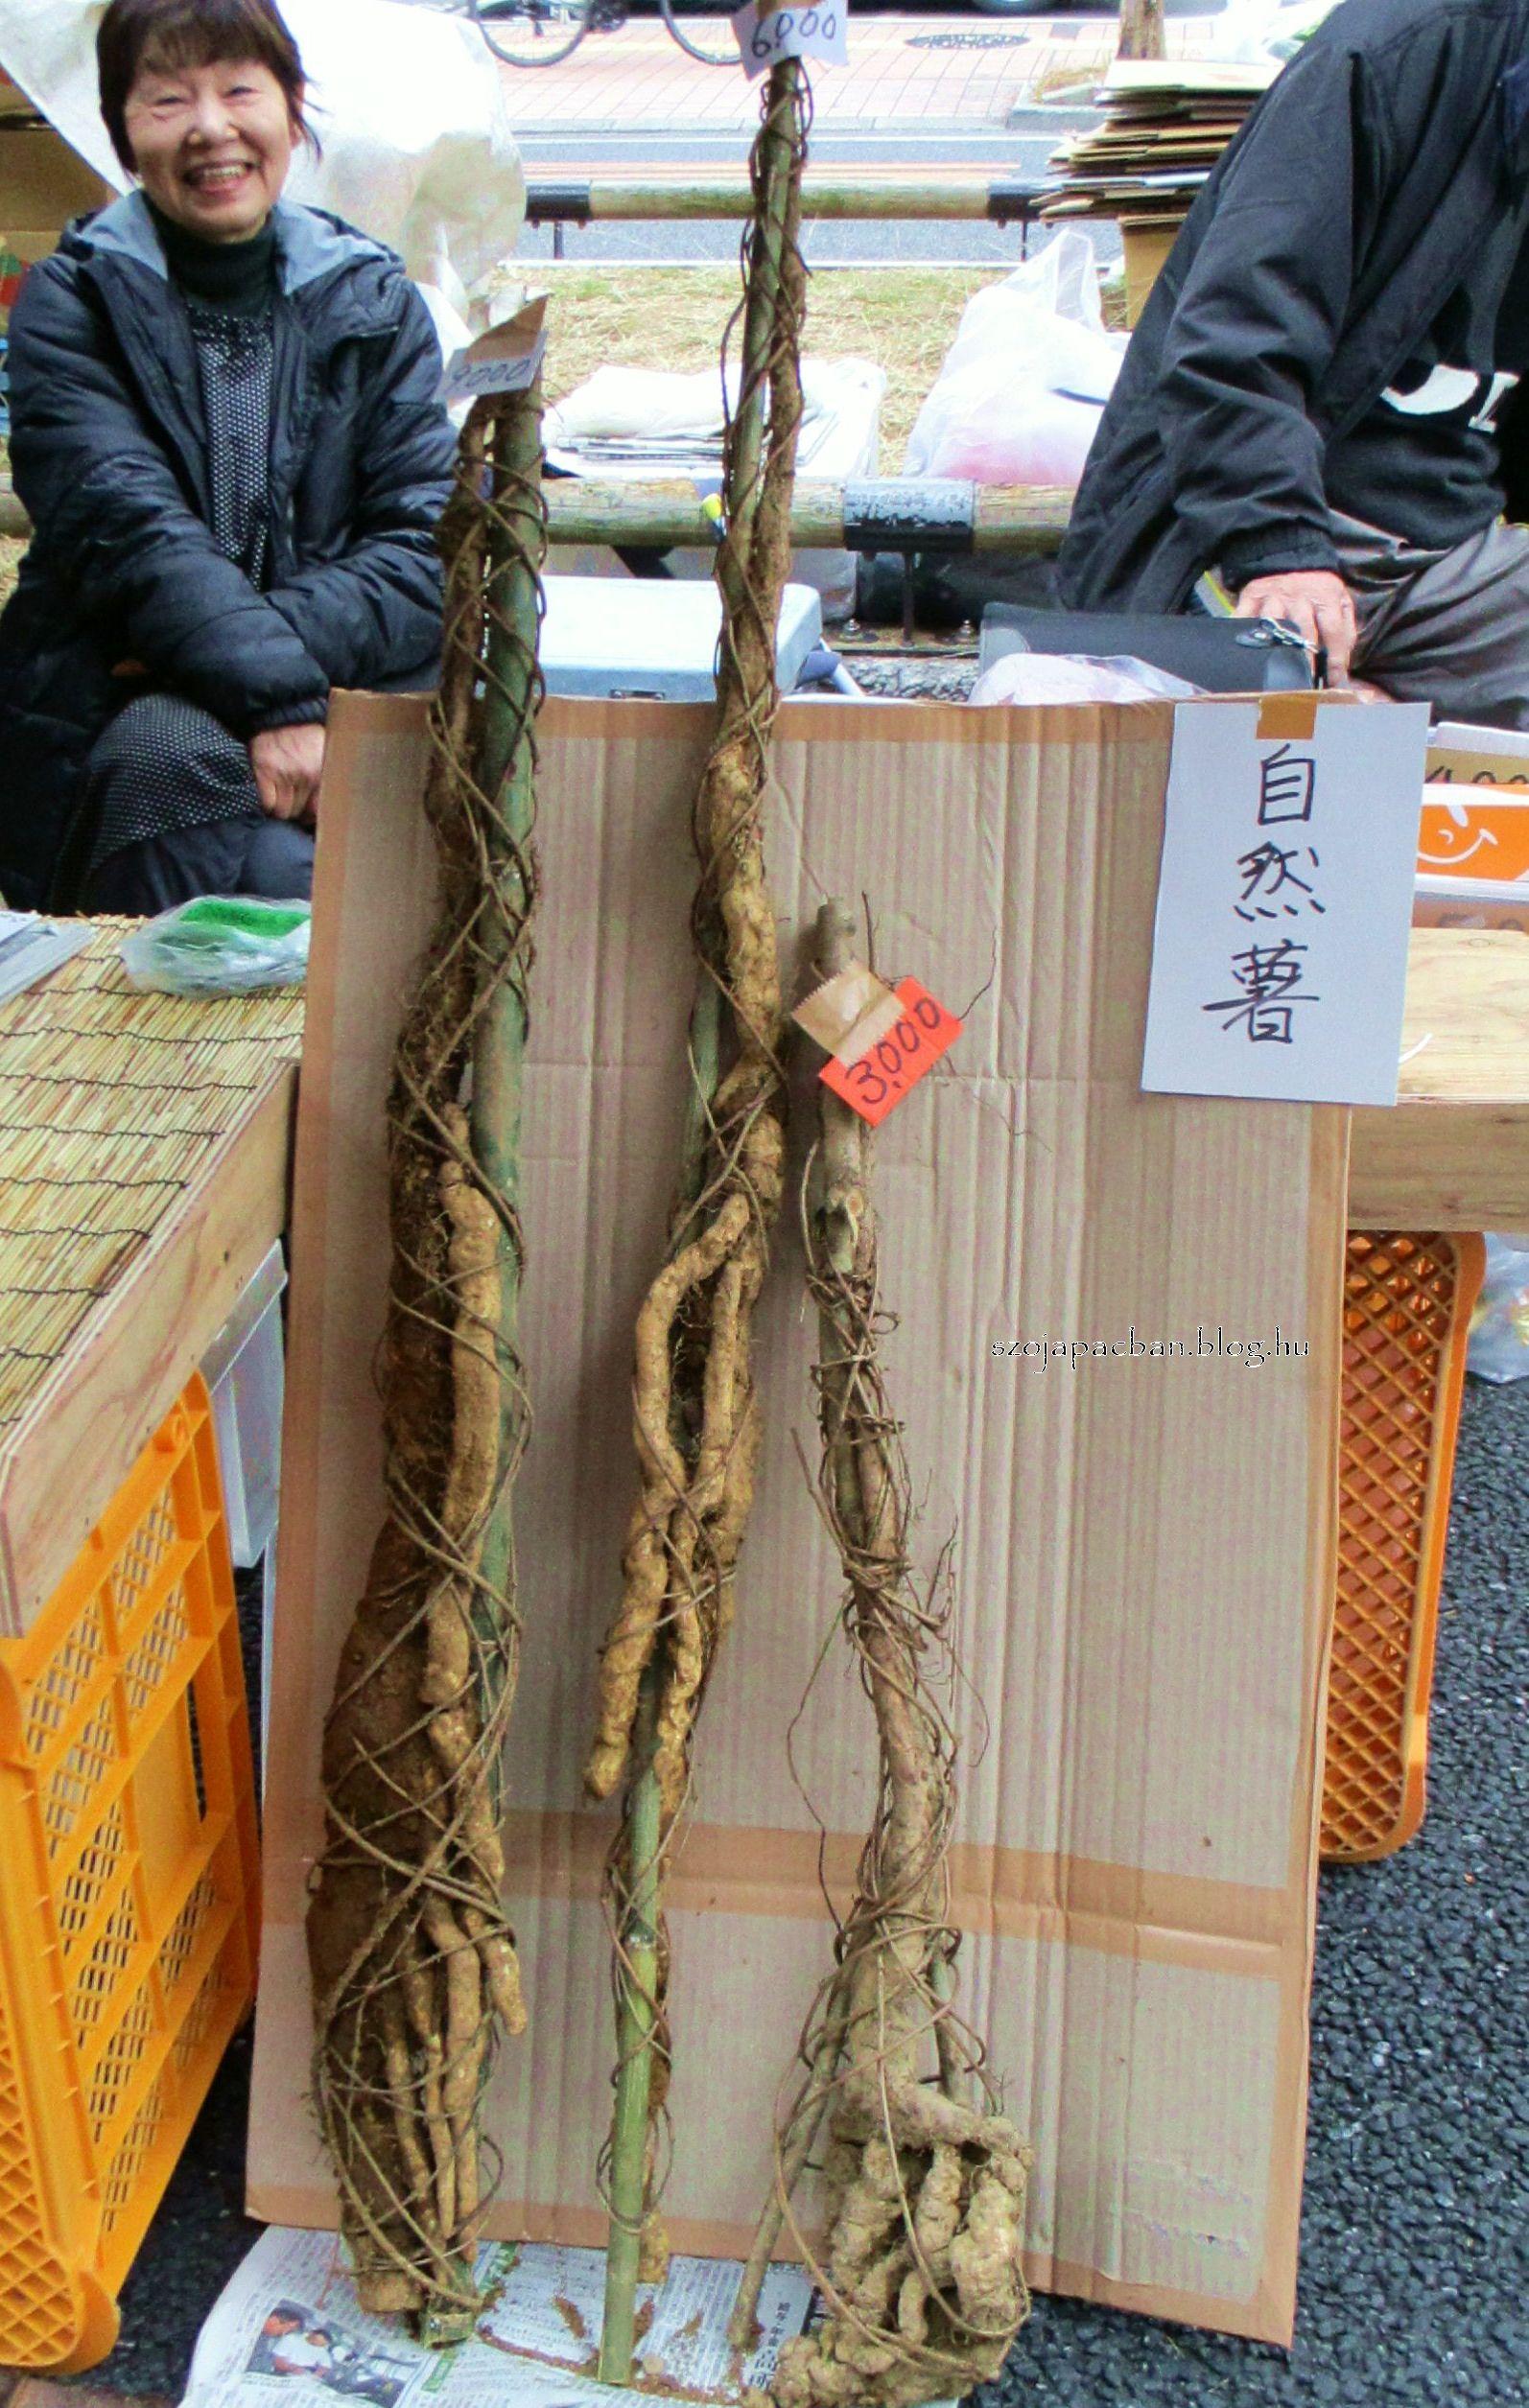 Dzsinendzsó, értékes vad, hegyi jamszgyökér 9000-300 jenig